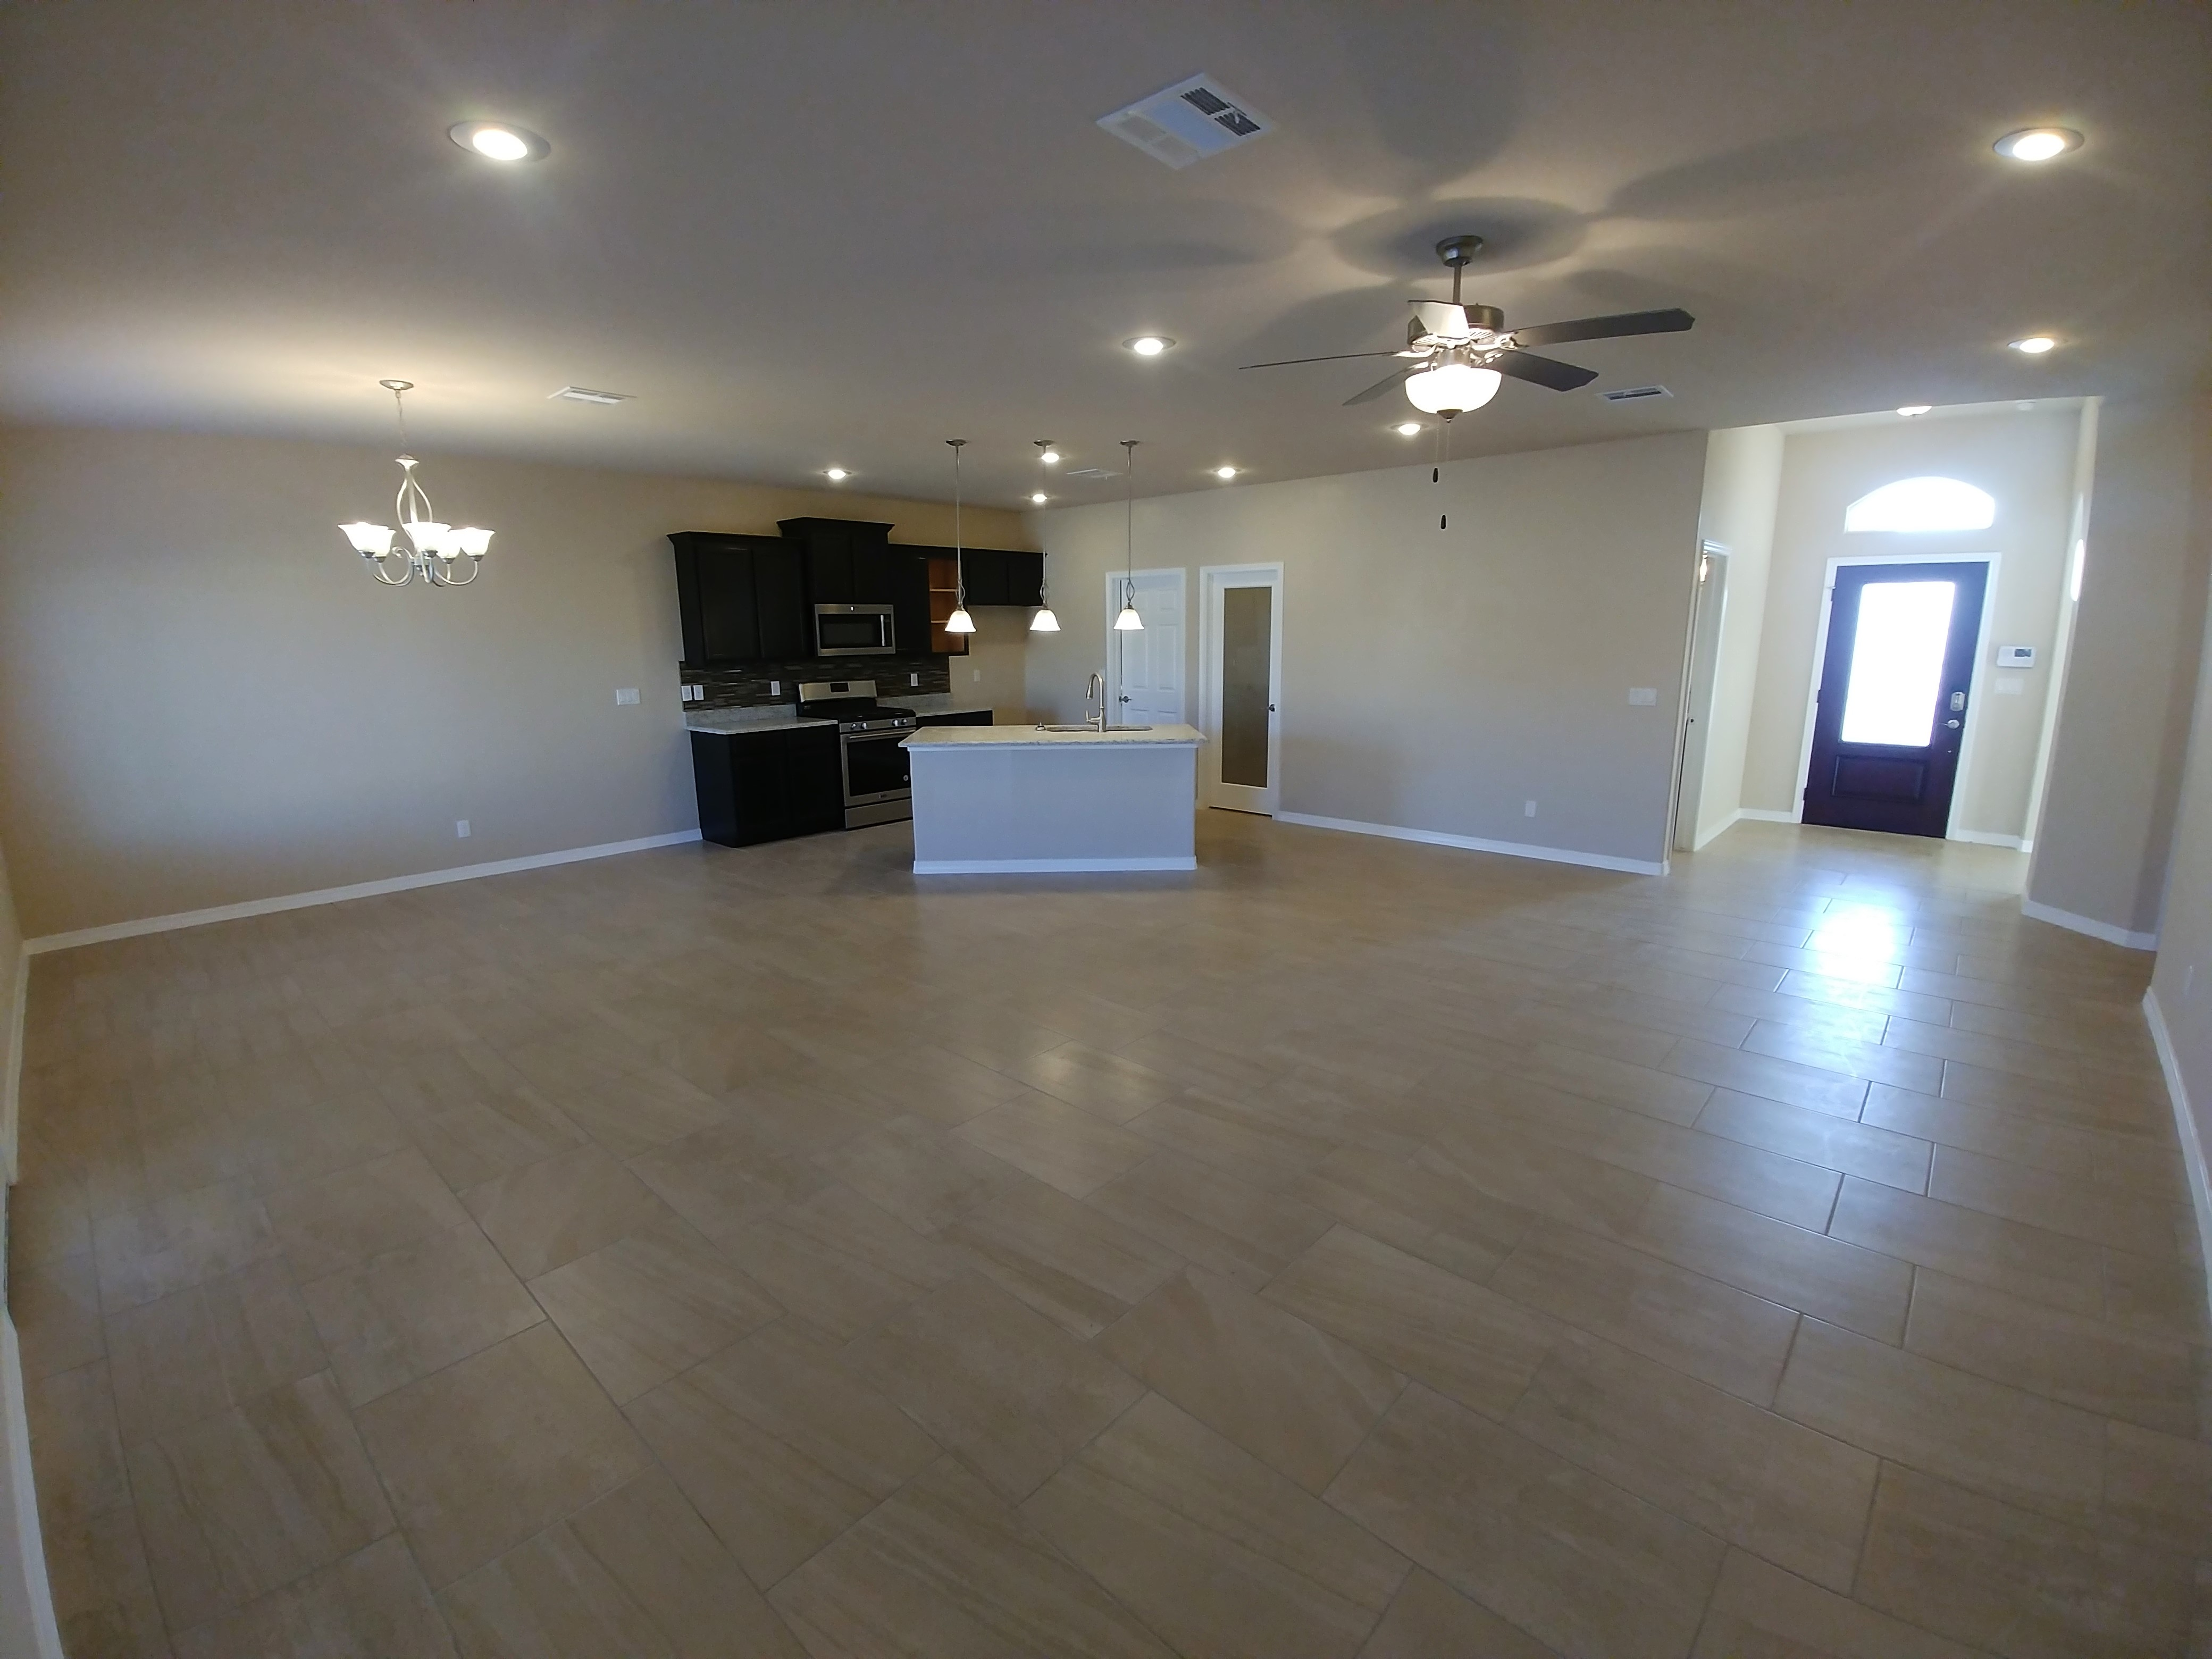 2050 Floor Plan - Great Room